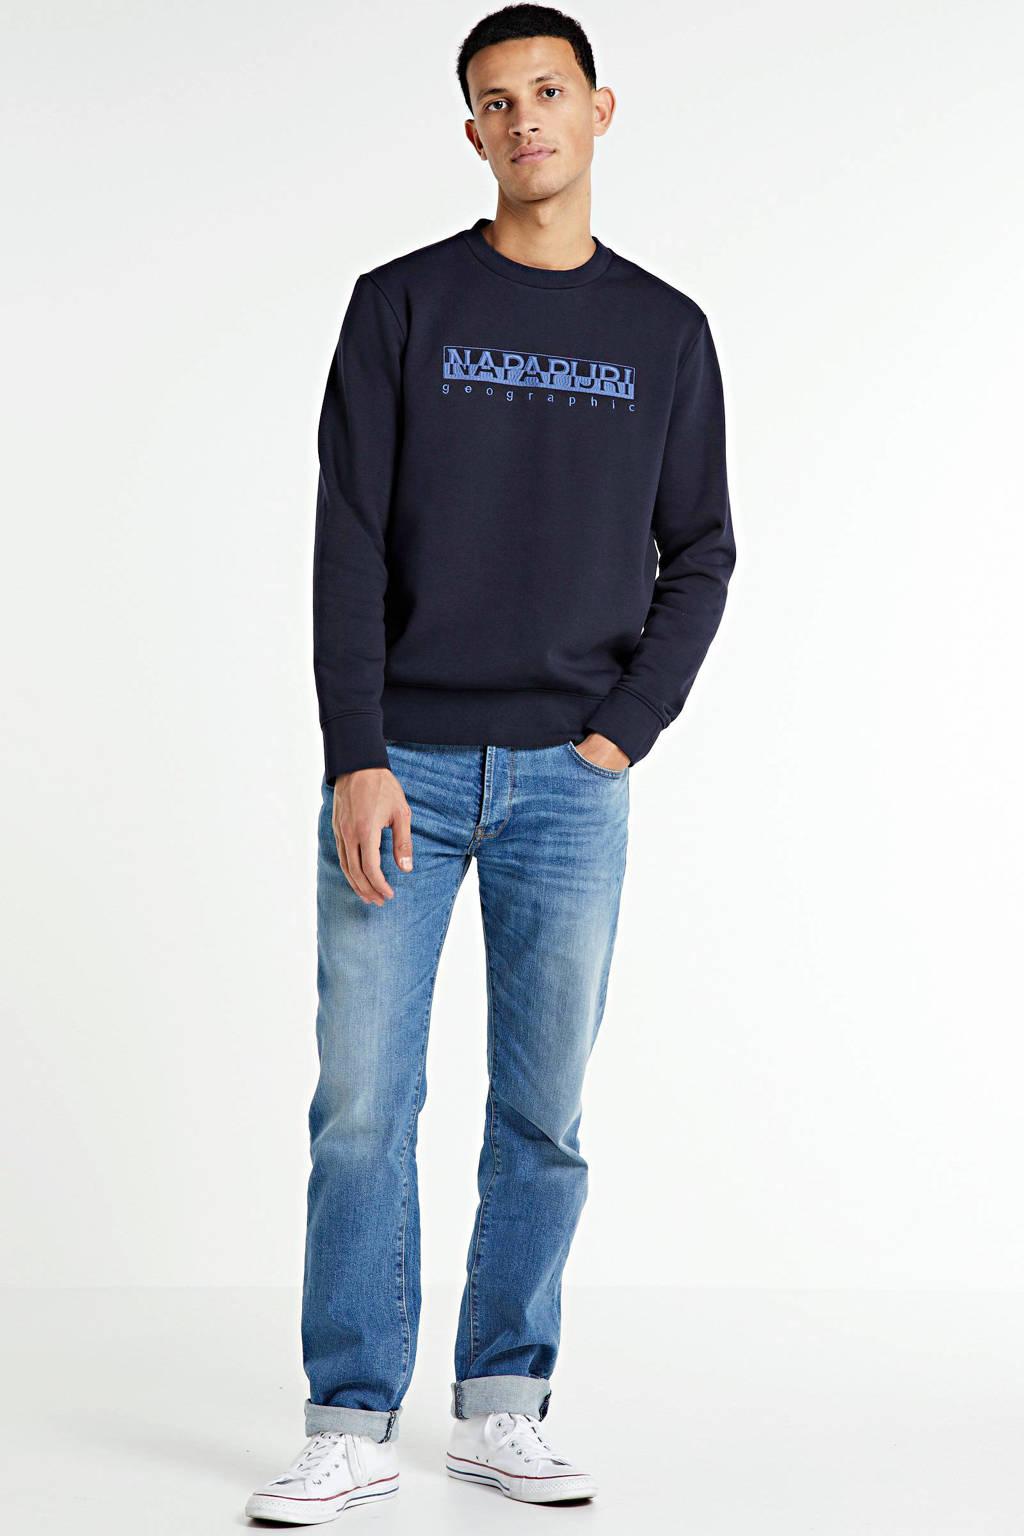 Napapijri sweater Bebel met logo donkerblauw, Donkerblauw